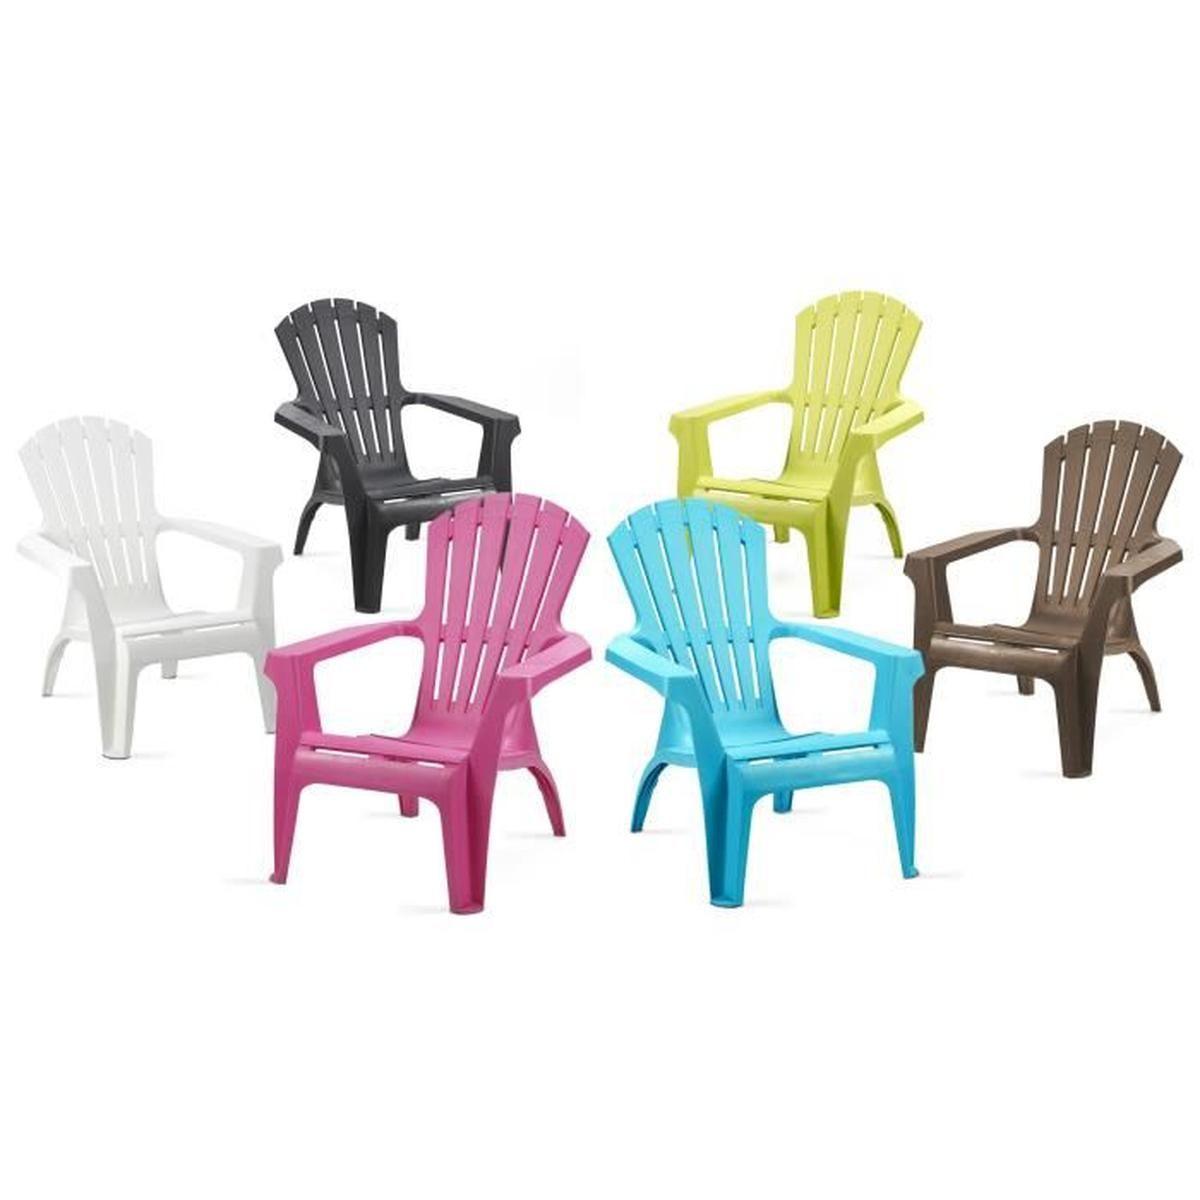 Fauteuil De Jardin Plastique - Grand Fauteuil Confort Taupe ... concernant Chaise Jardin Colorée